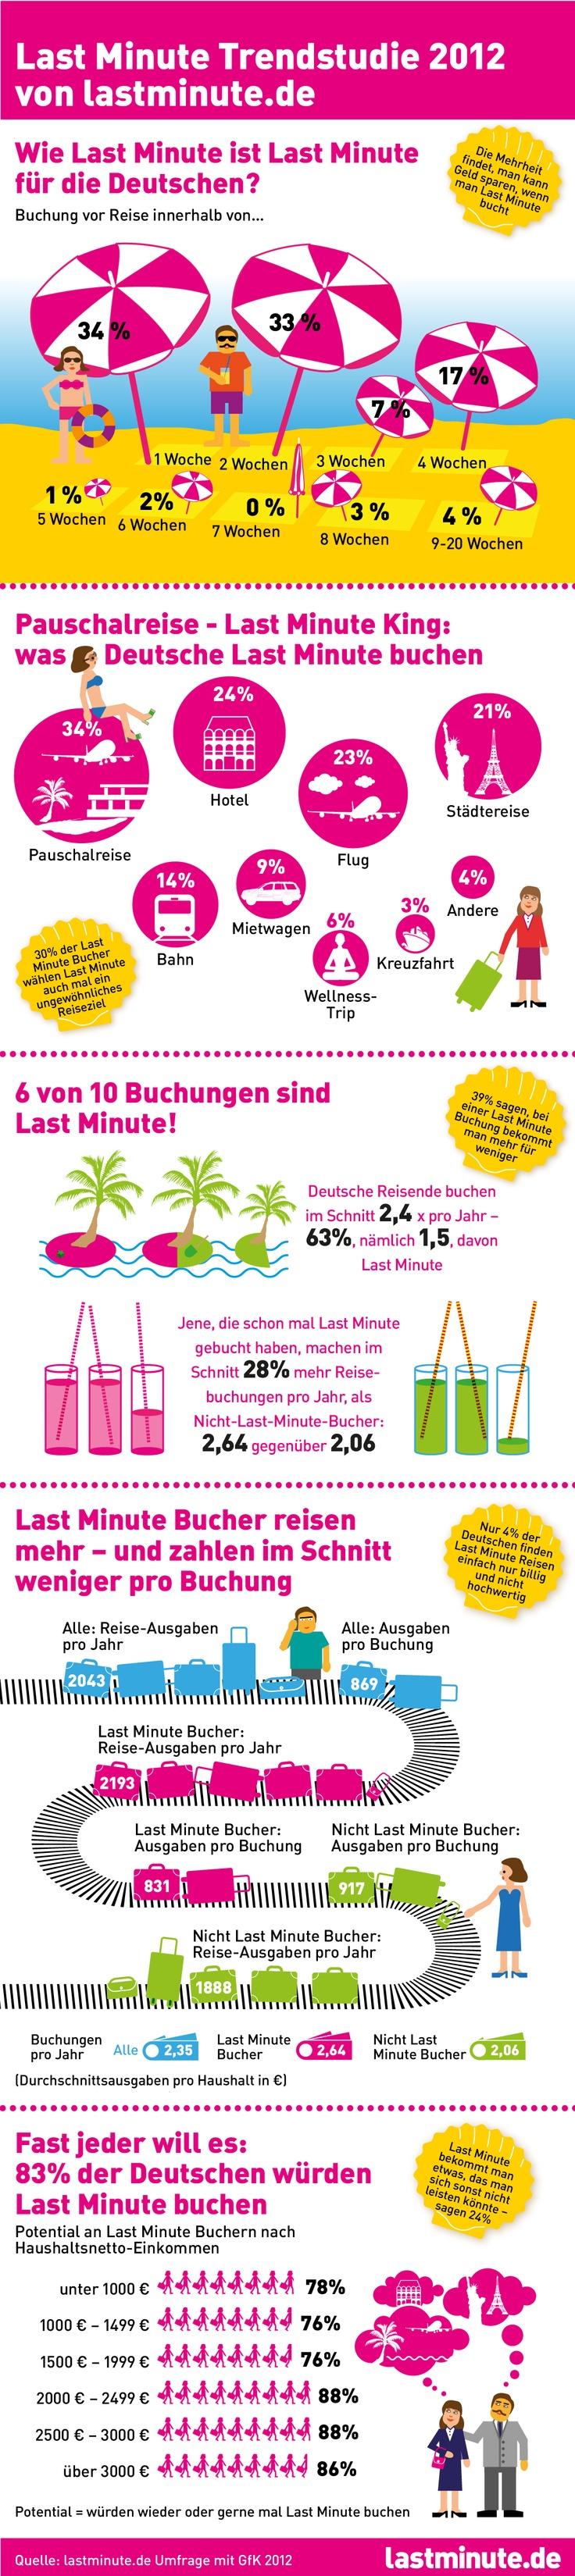 Last Minute Urlaub Infografik    http://www.lastminute.de    © lastminute.de